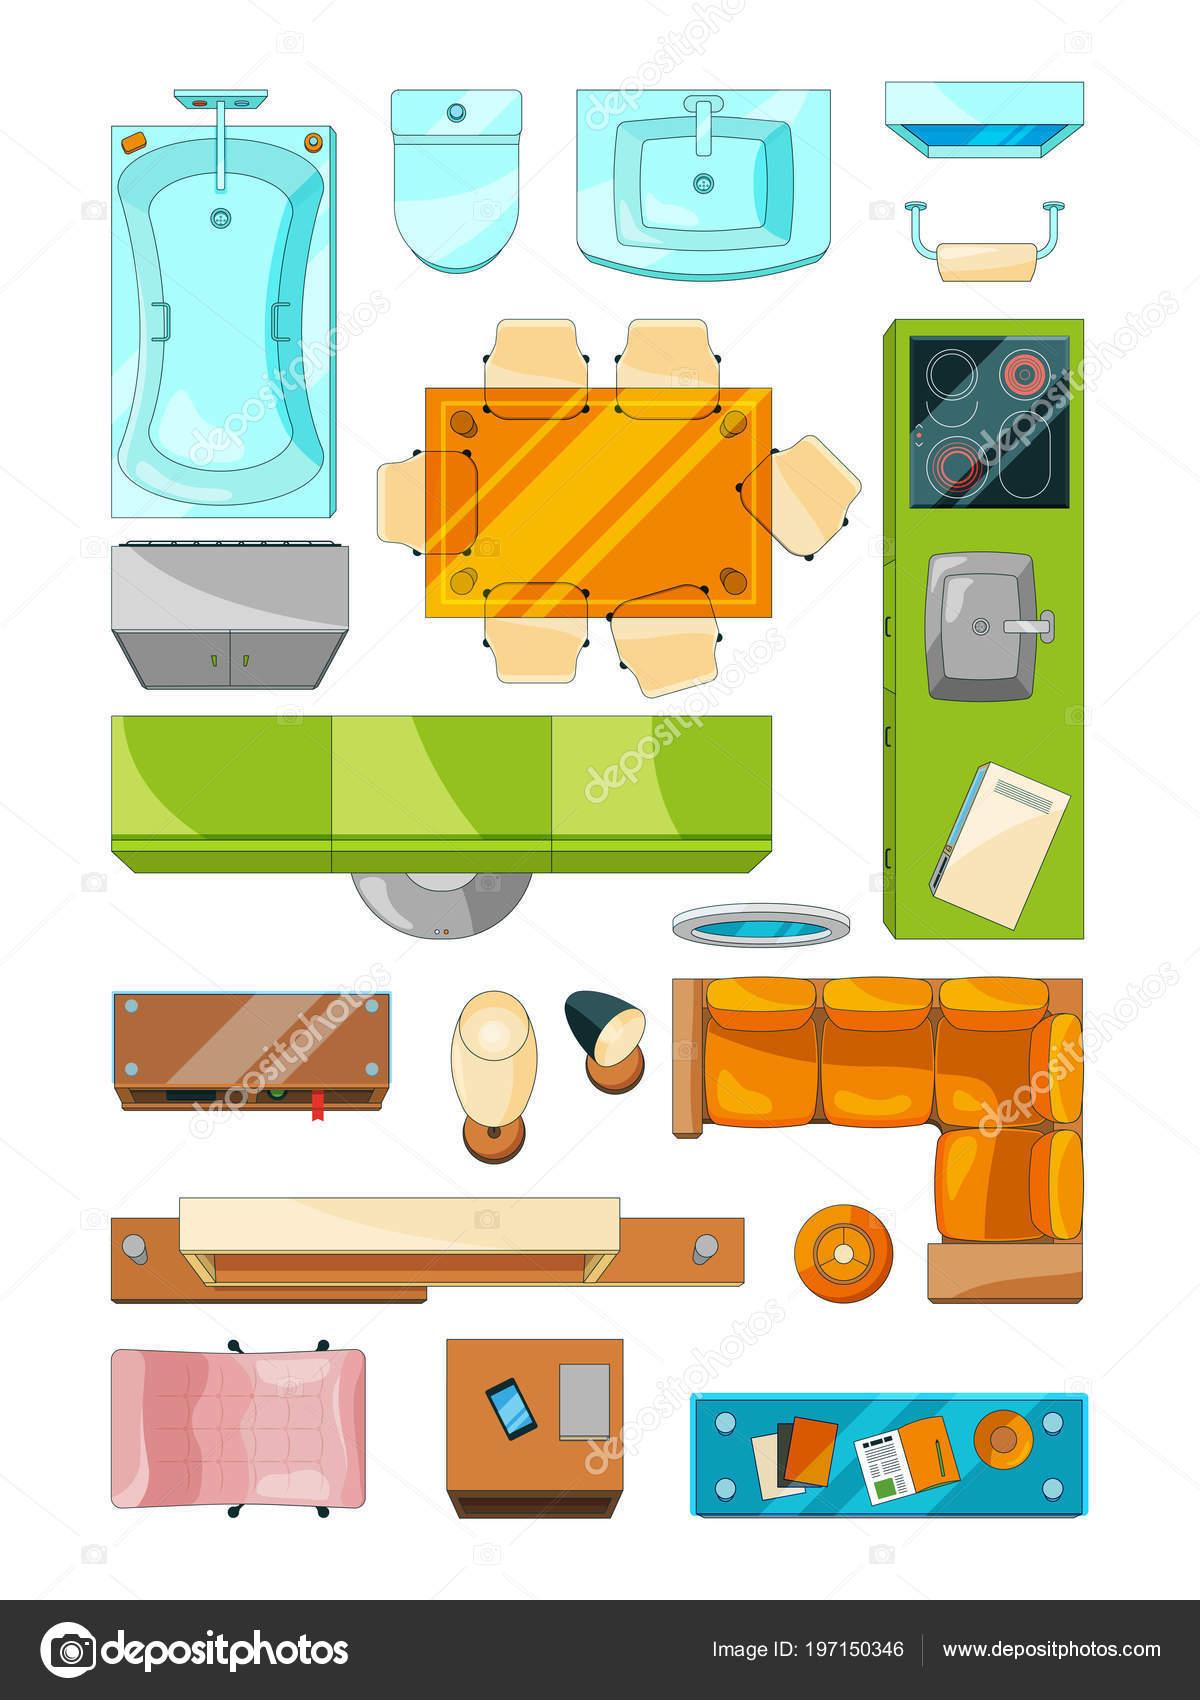 Verschiedene Möbel Für Grundriss Der Wohnung Gesetzt. Vektor Bilder  Eingestellt Draufsicht U2014 Stockvektor